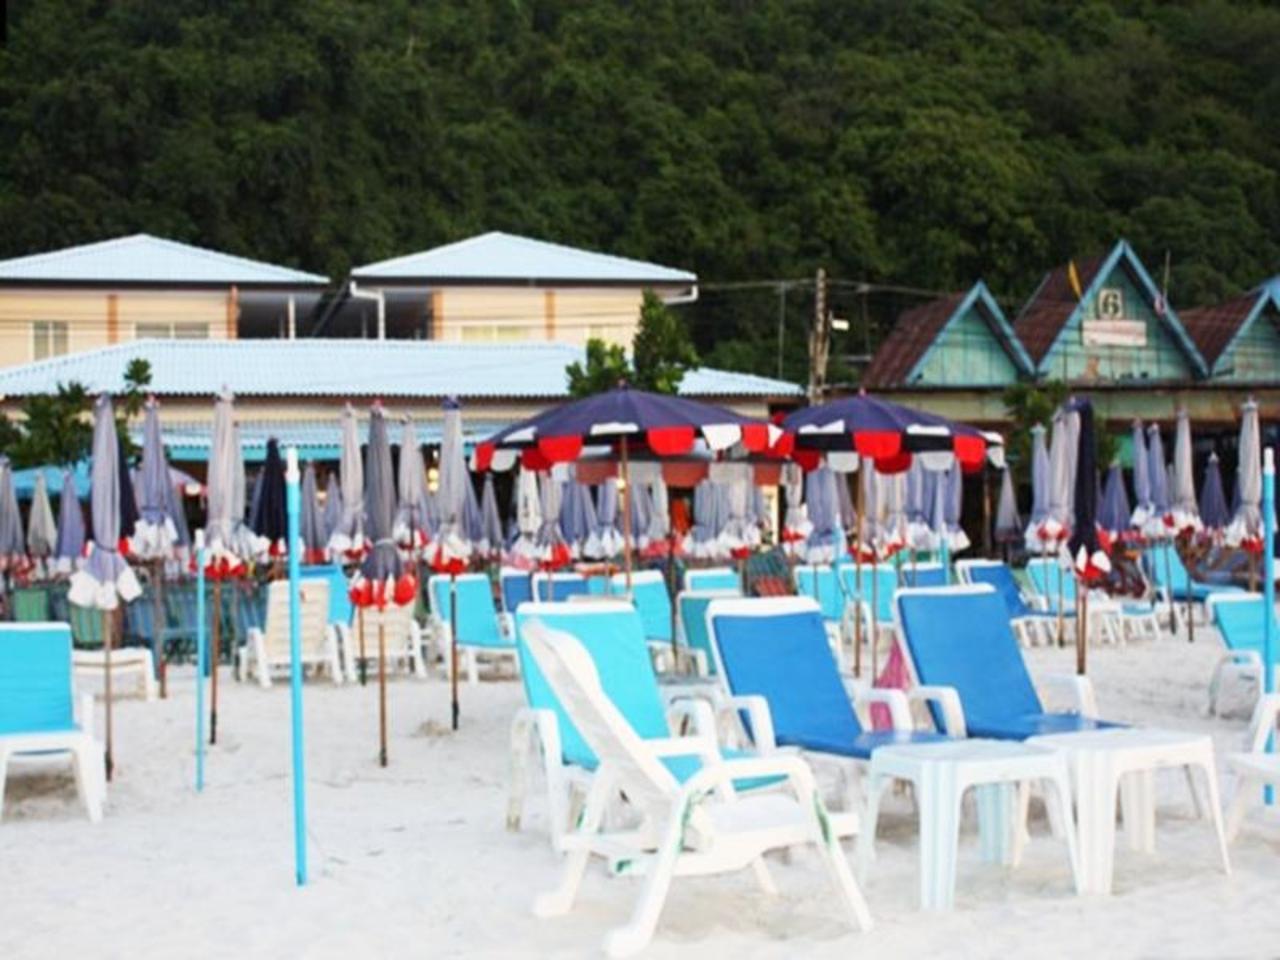 โรงแรมบาร์เบอรี แอท เกาะล้าน (Barberry at Koh Larn Hotel)